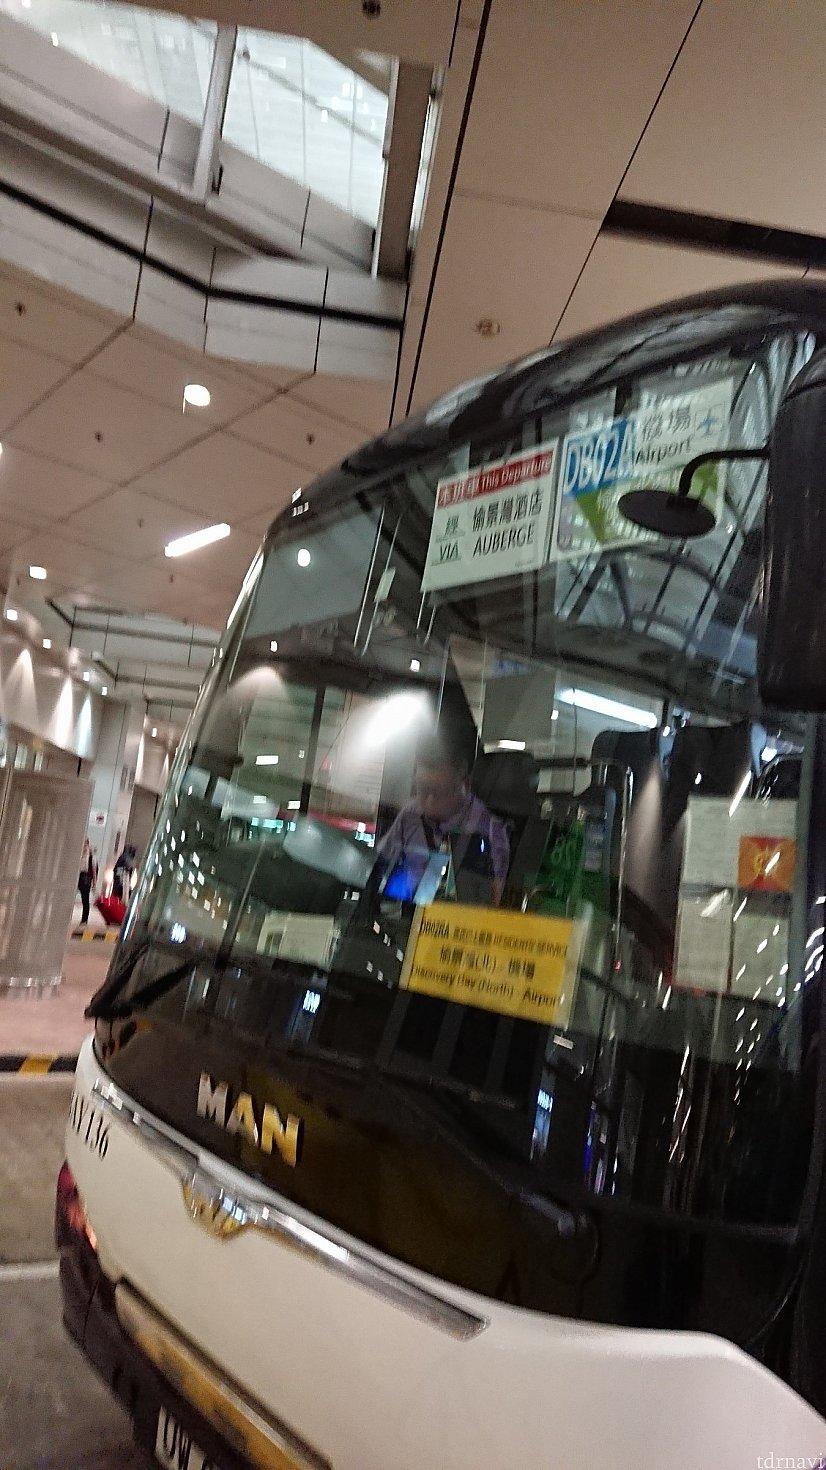 ホテルまで行かないバスにはオーベルジュ❌と書いた札が張ってある。これは行くバスです。